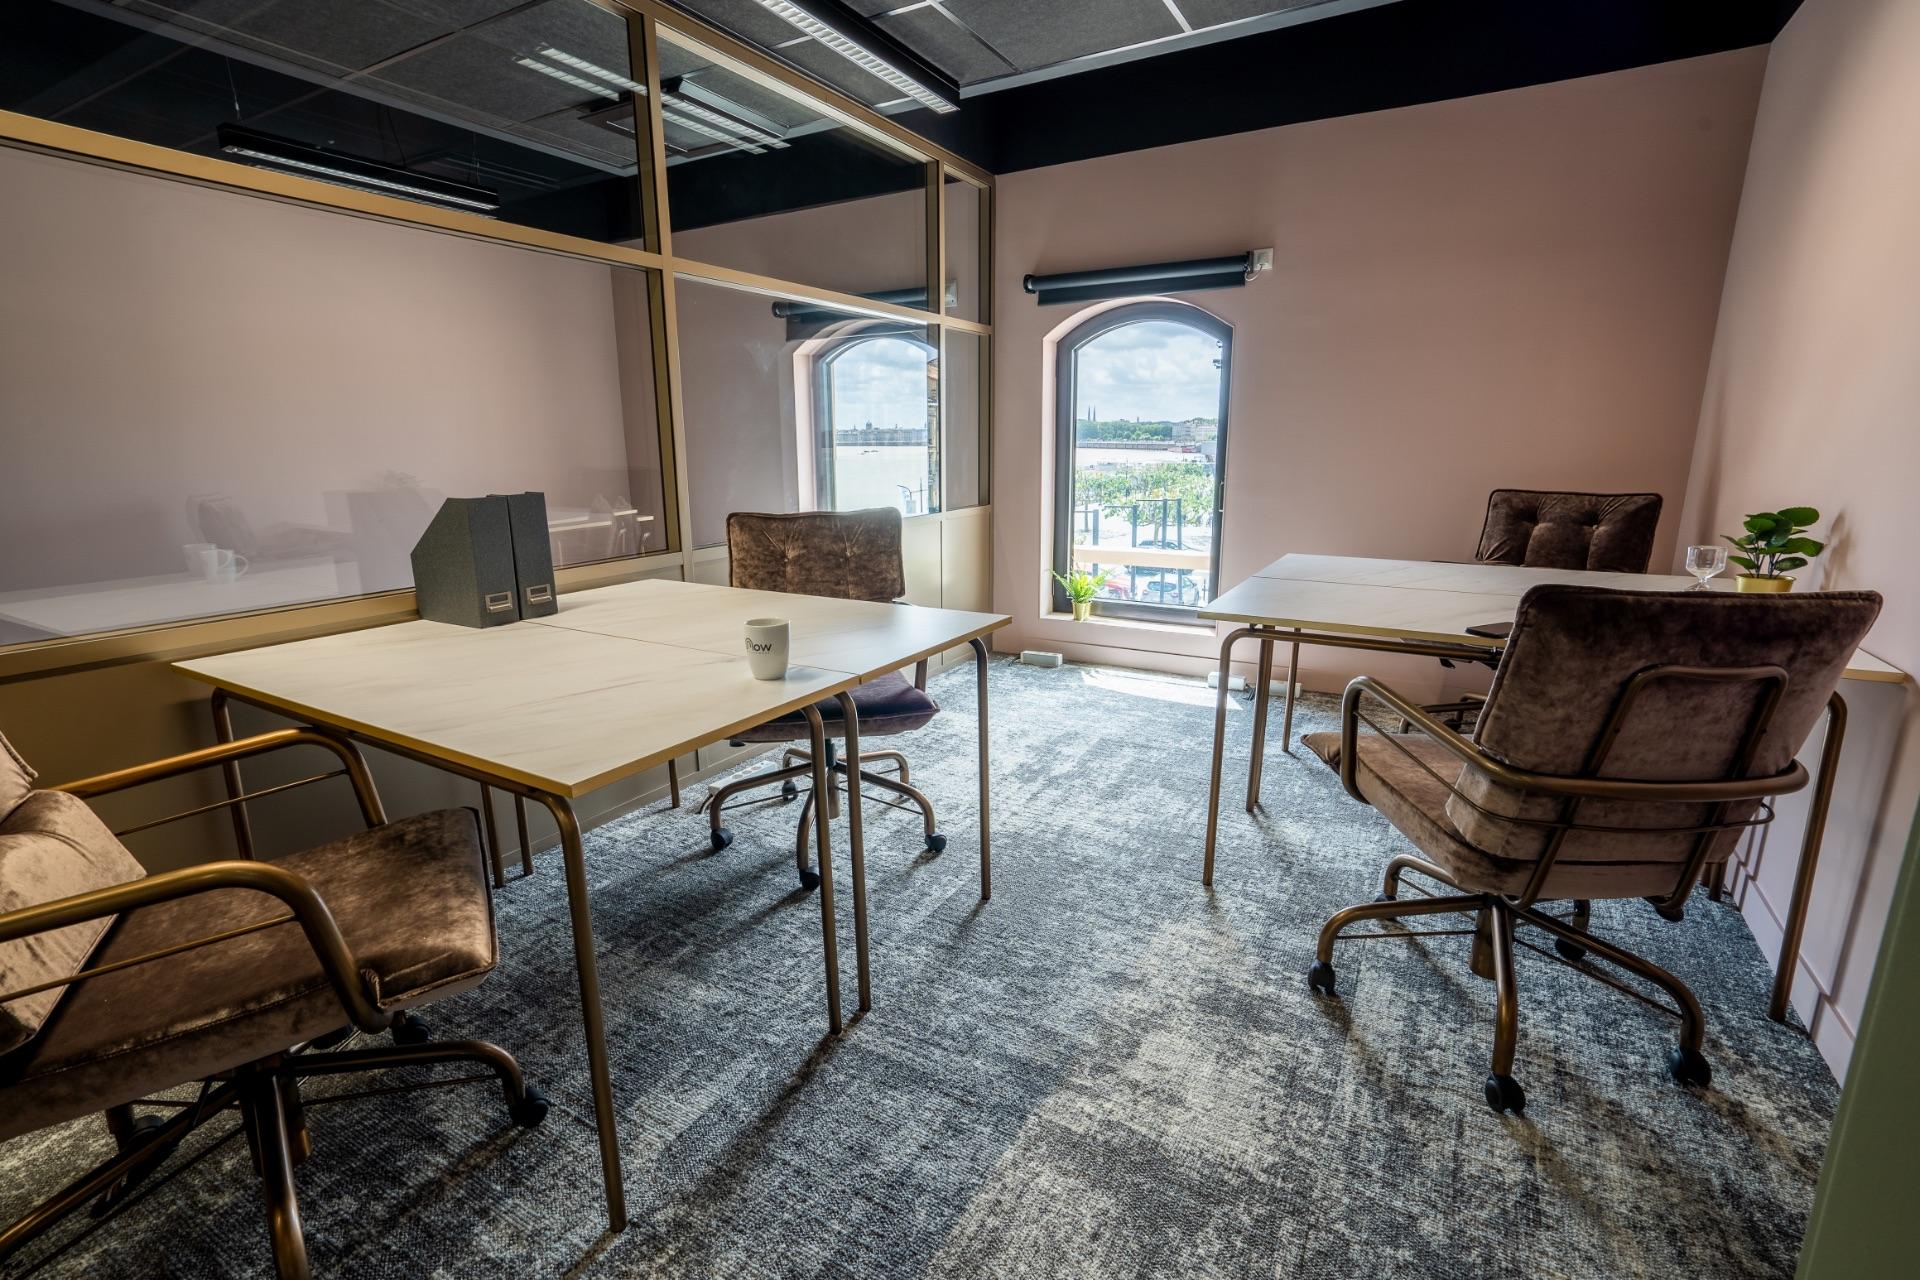 Bureaux_1_now-coworking-bordeaux